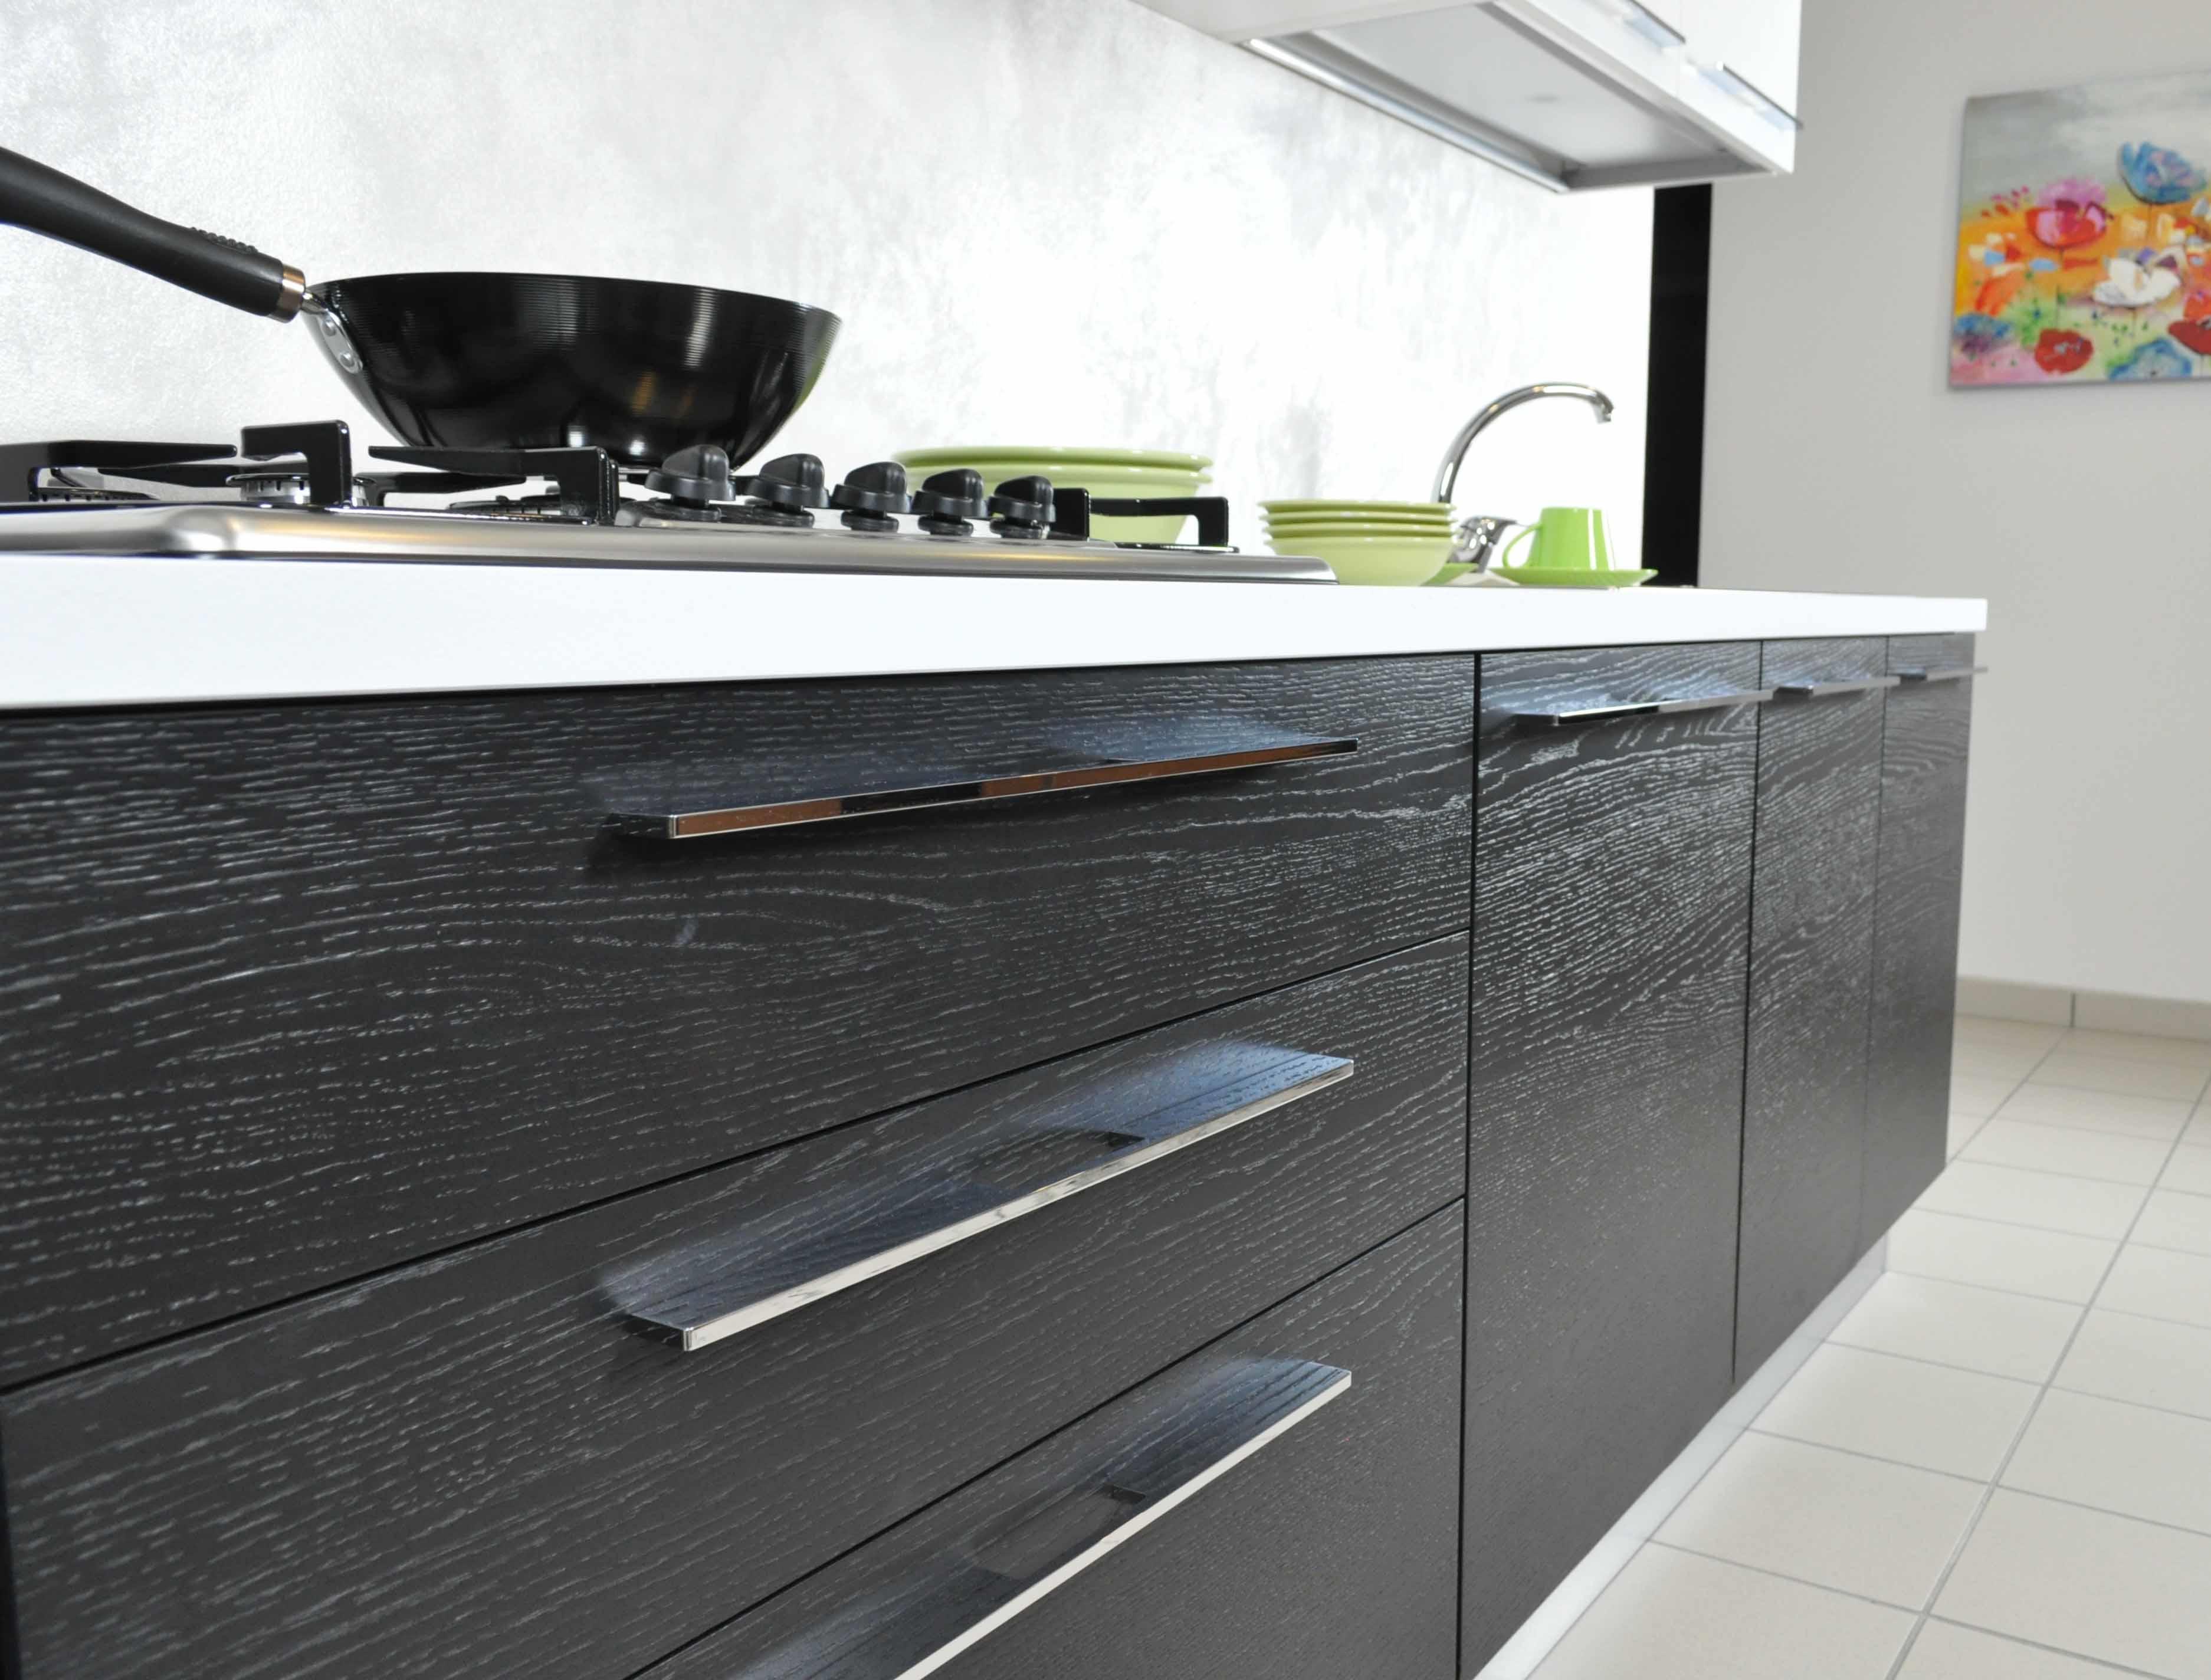 Cucina moderna lube nilde impiallacciata sconto del 47 - Prezzi cucine lube ...